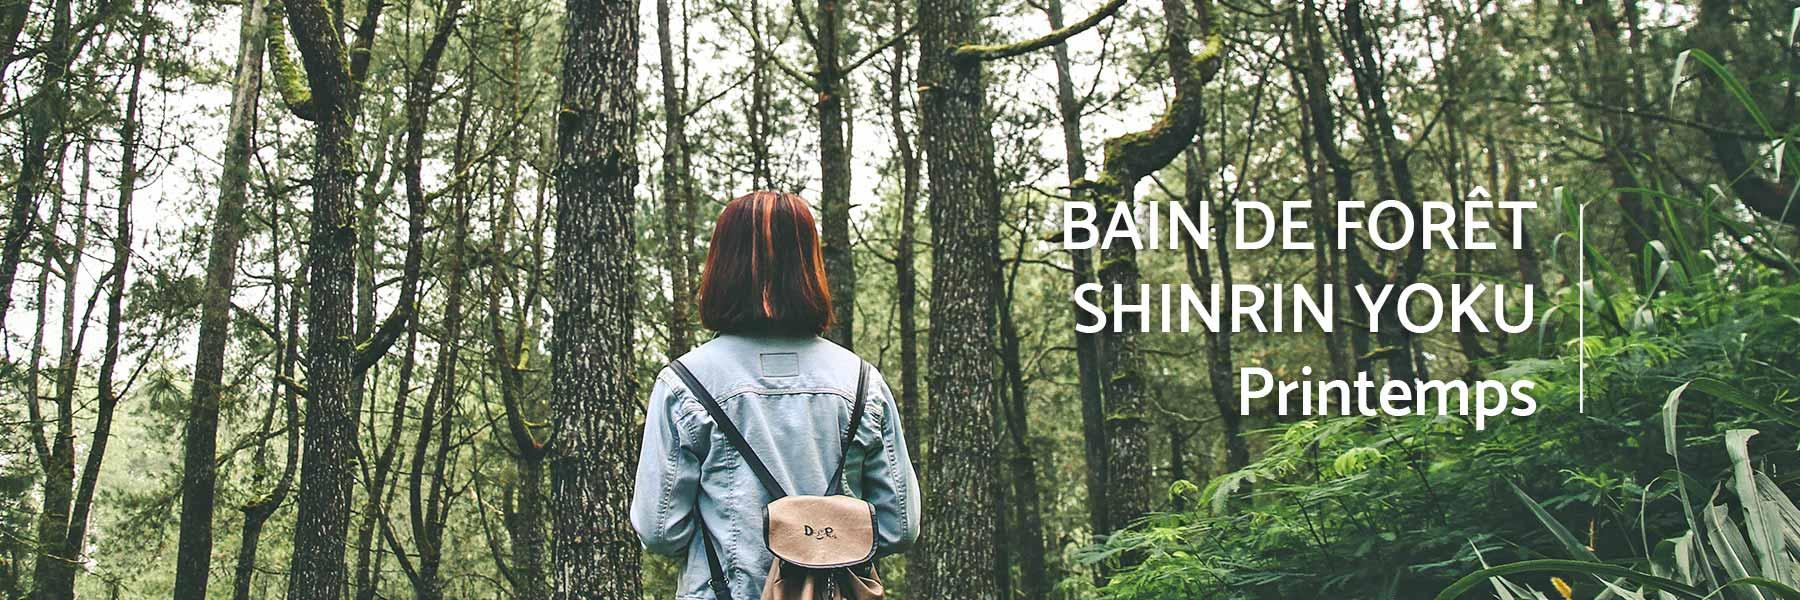 bain-foret-shinrin-yoku-sylvotherapie-caen-calvados-guide-certifie-printemps